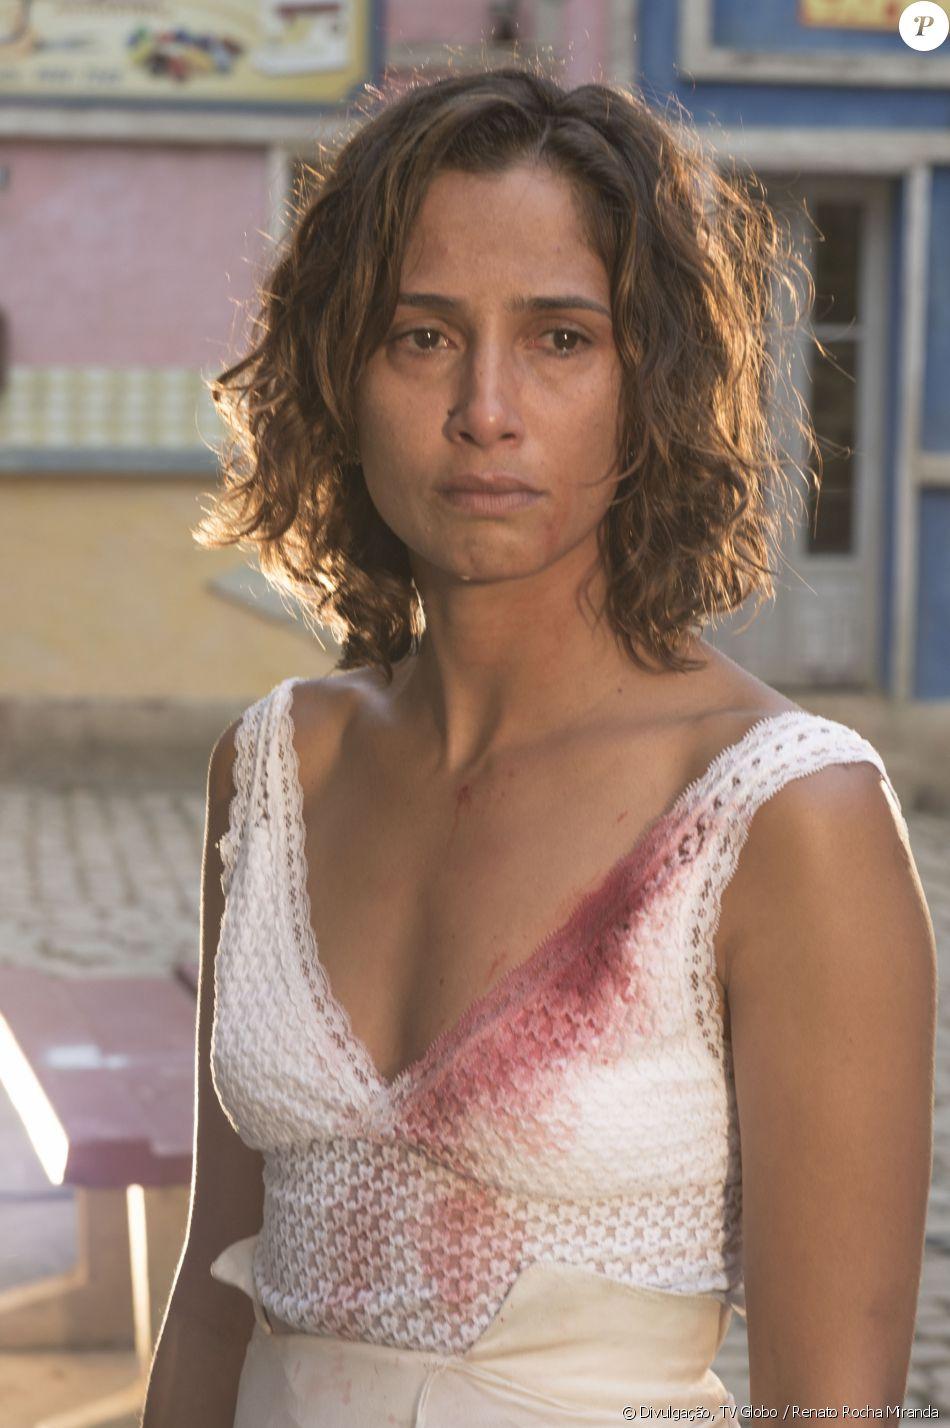 Camila Pitanga ficará um ano ou mais fora da TV após morte de Domingos Montagner, diz colunista neste sábado, 17 de setembro de 2016